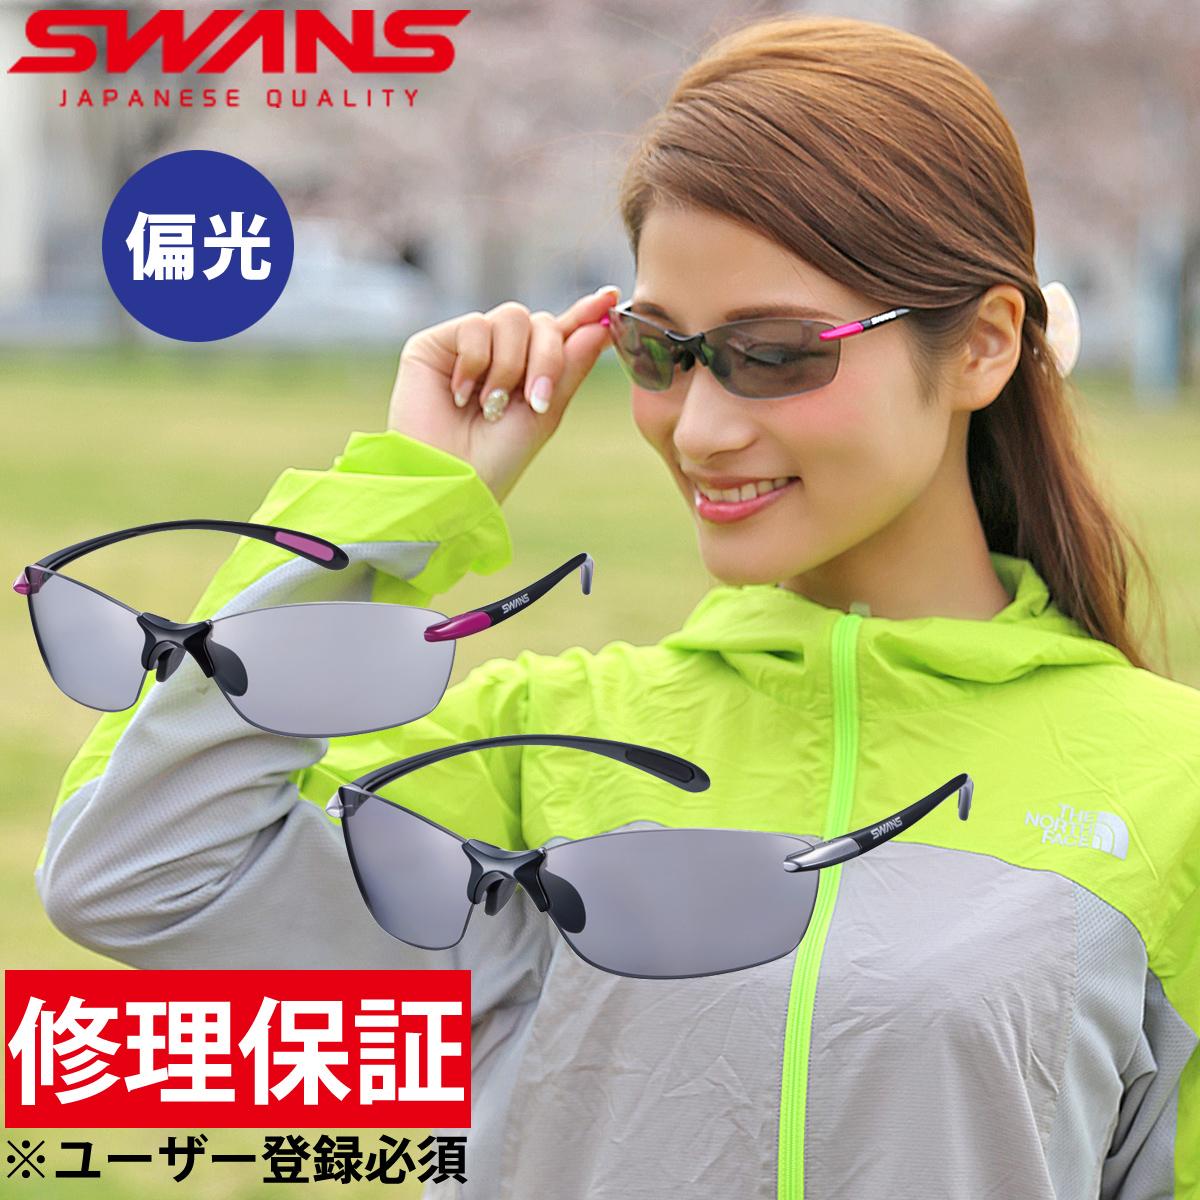 スポーツサングラス Airless Leaffit エアレス・リーフフィット 偏光レンズ SALF-0051 SALF-0053 偏光サングラス メンズ レディース UV 紫外線カット おすすめ 人気 おしゃれ SWANS スワンズ